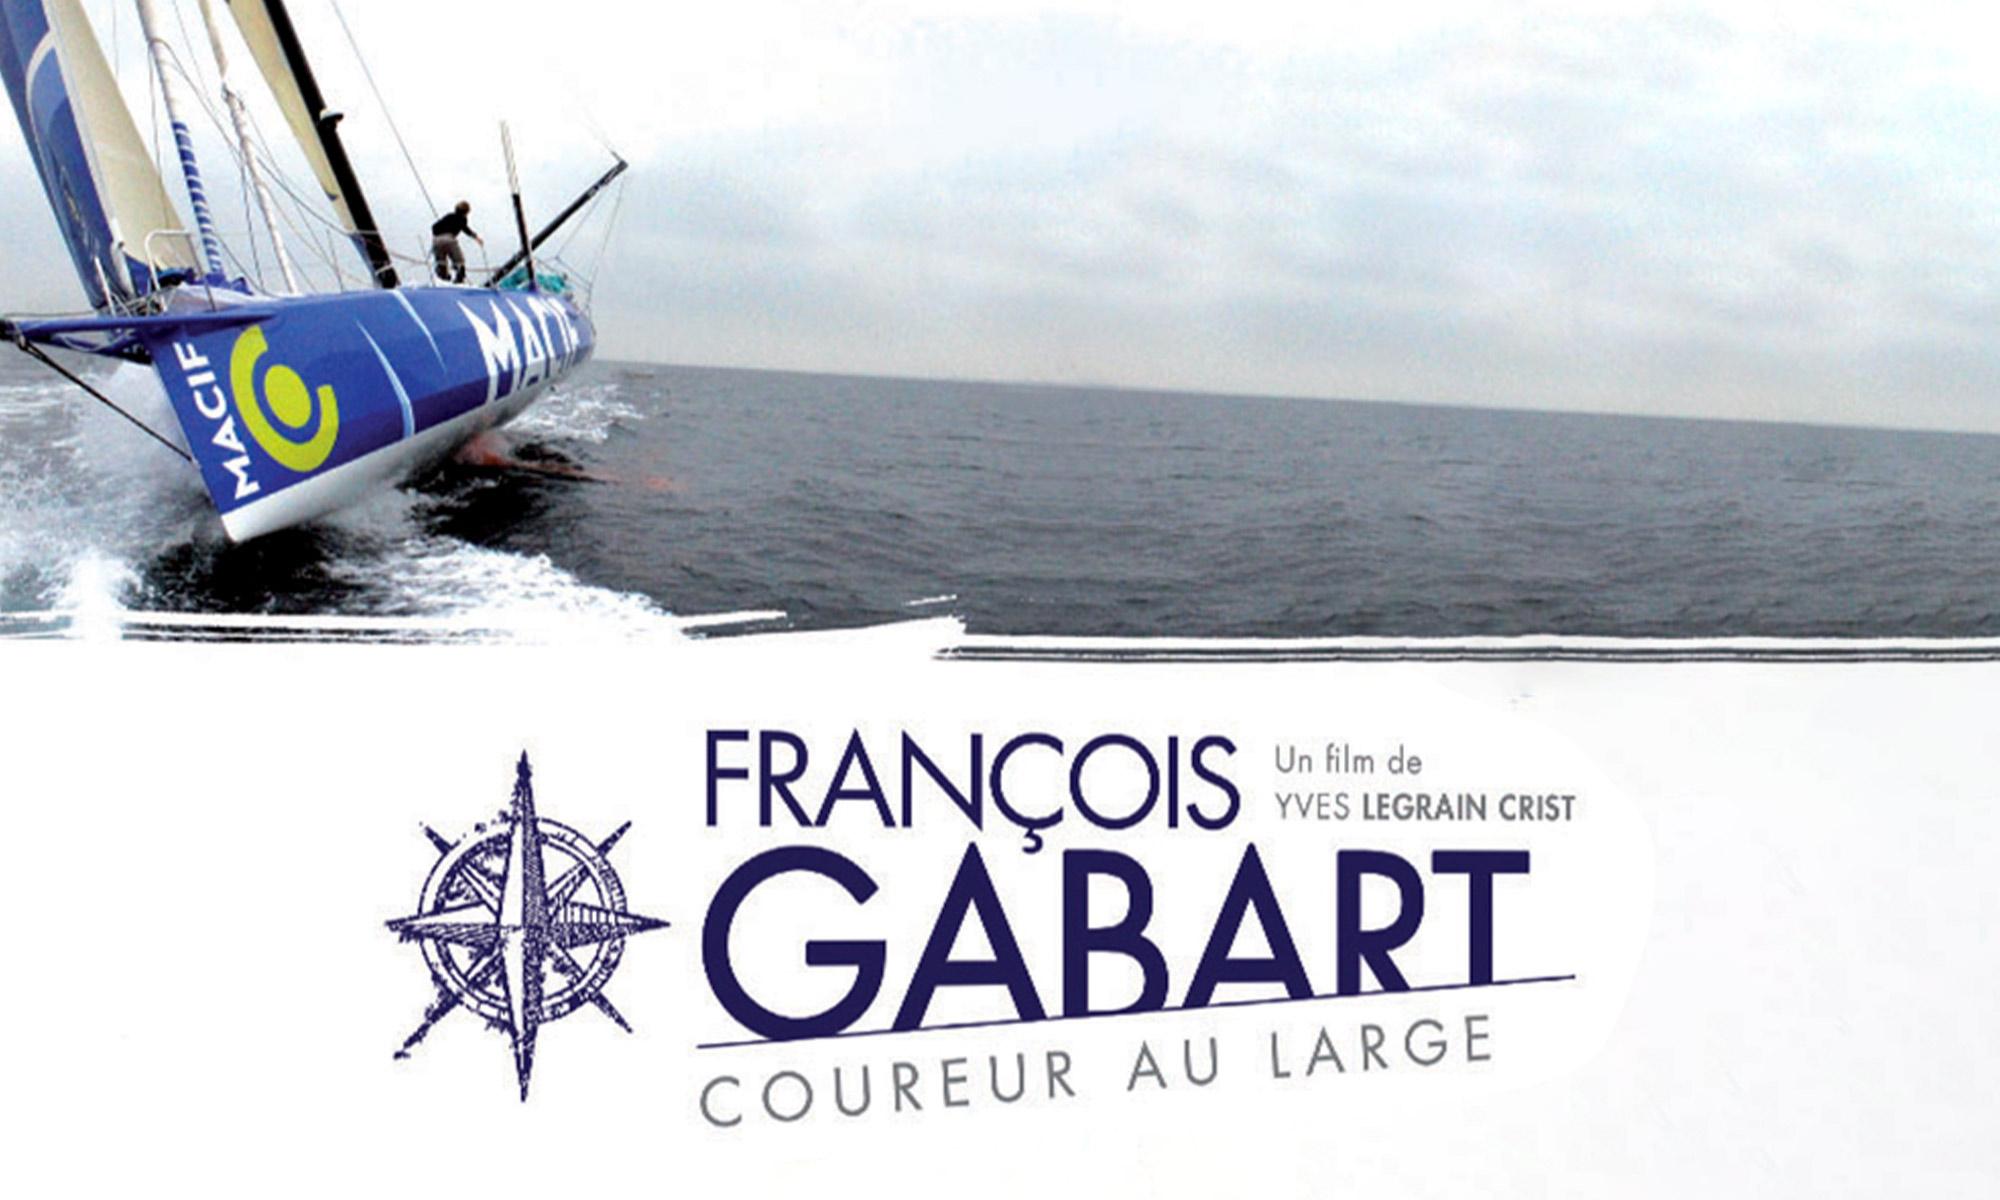 François Gabart, coureur au large